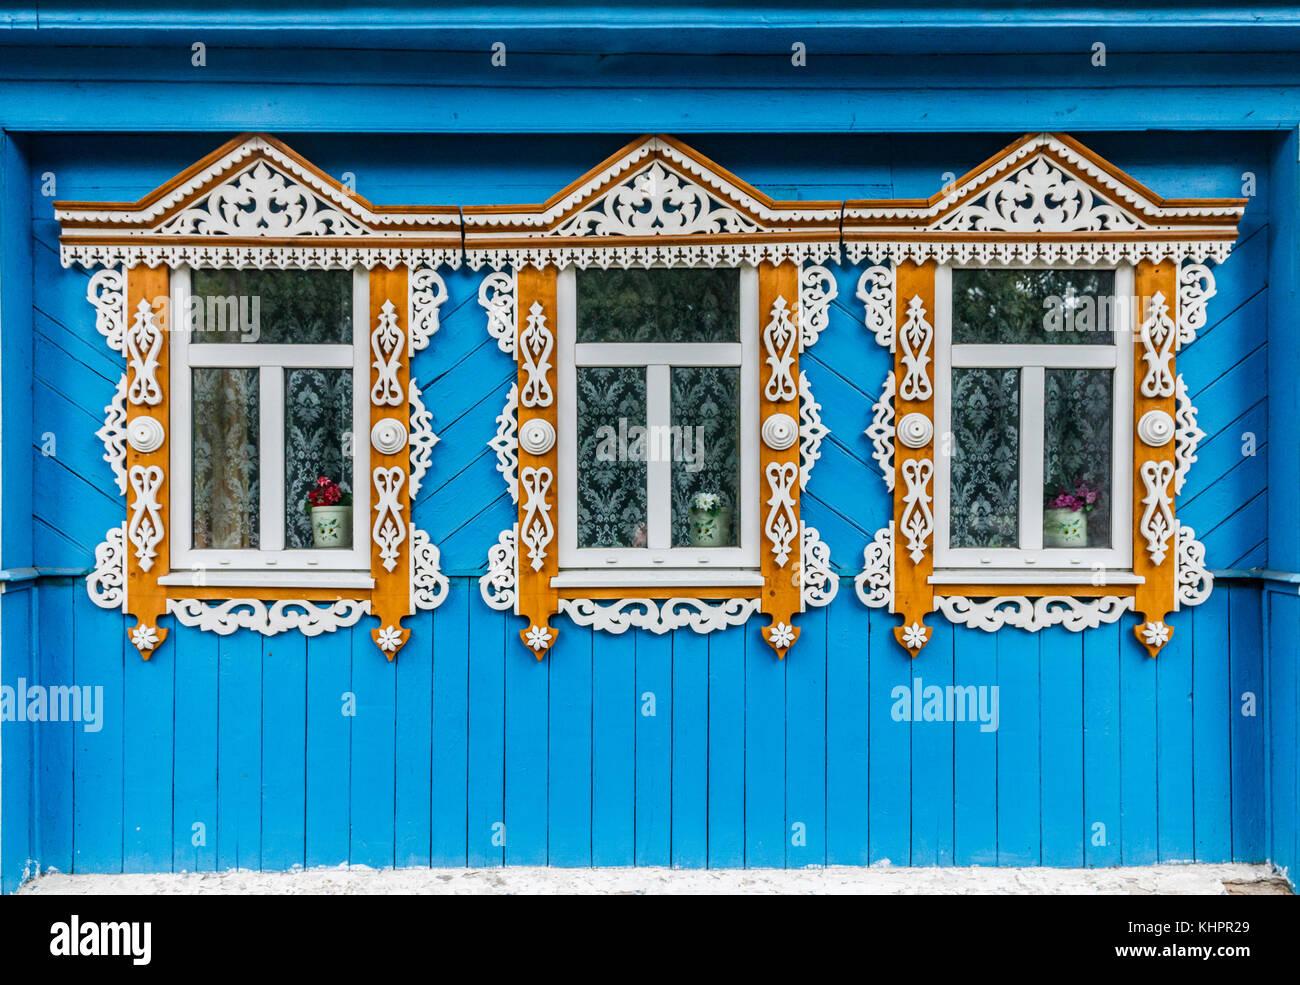 Tres ventanas en una pared de madera azul de una tradicional casa de ...